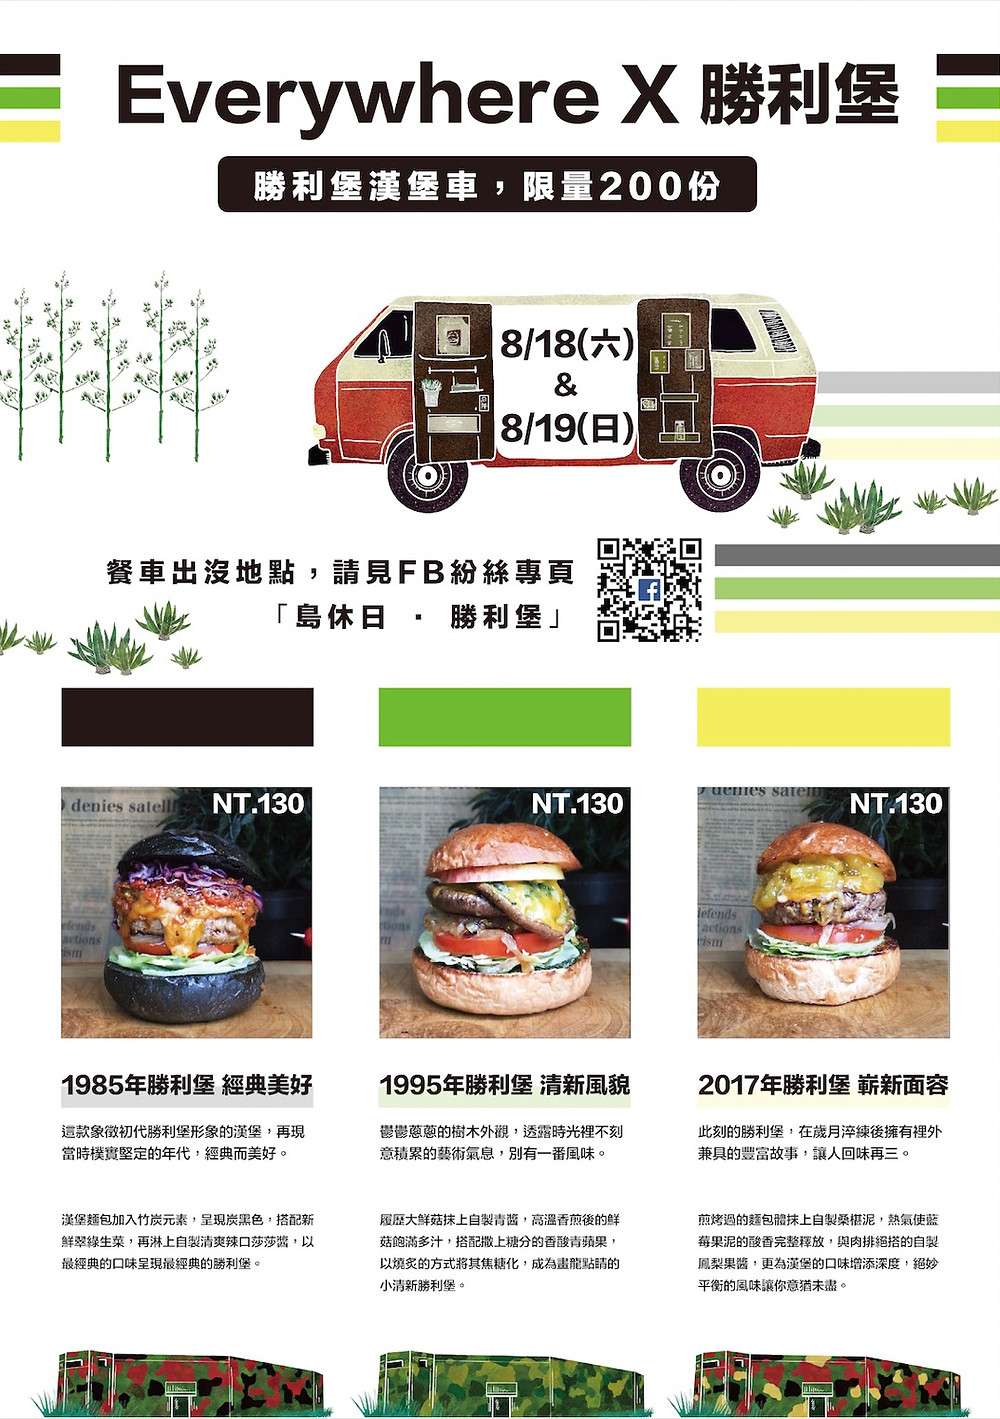 勝利堡漢堡快餐車 活動海報